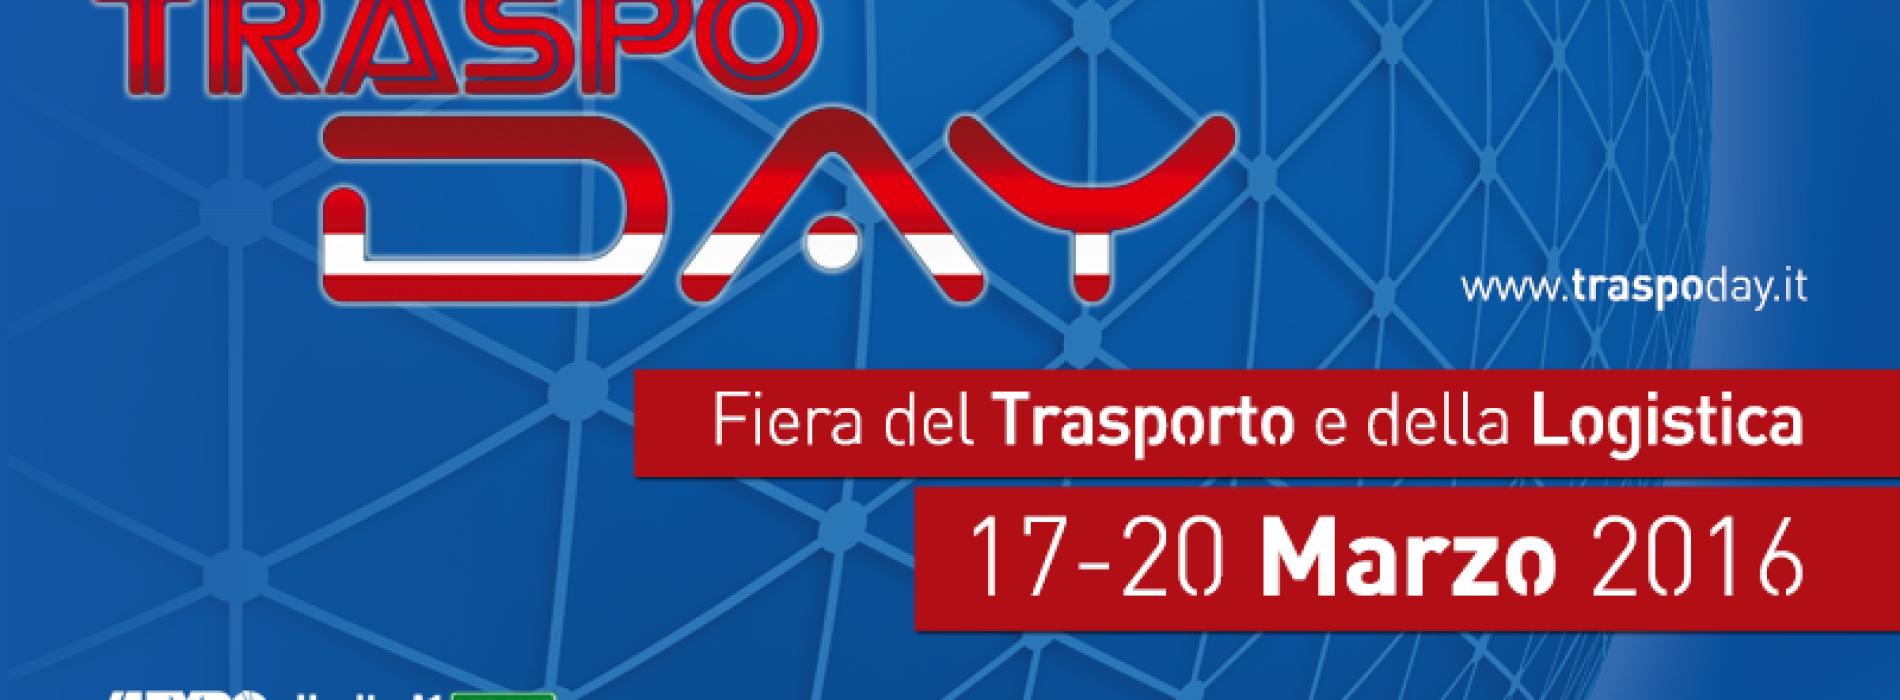 TraspoDay 2016. Un appuntamento irrinunciabile per gli operatori del trasporto